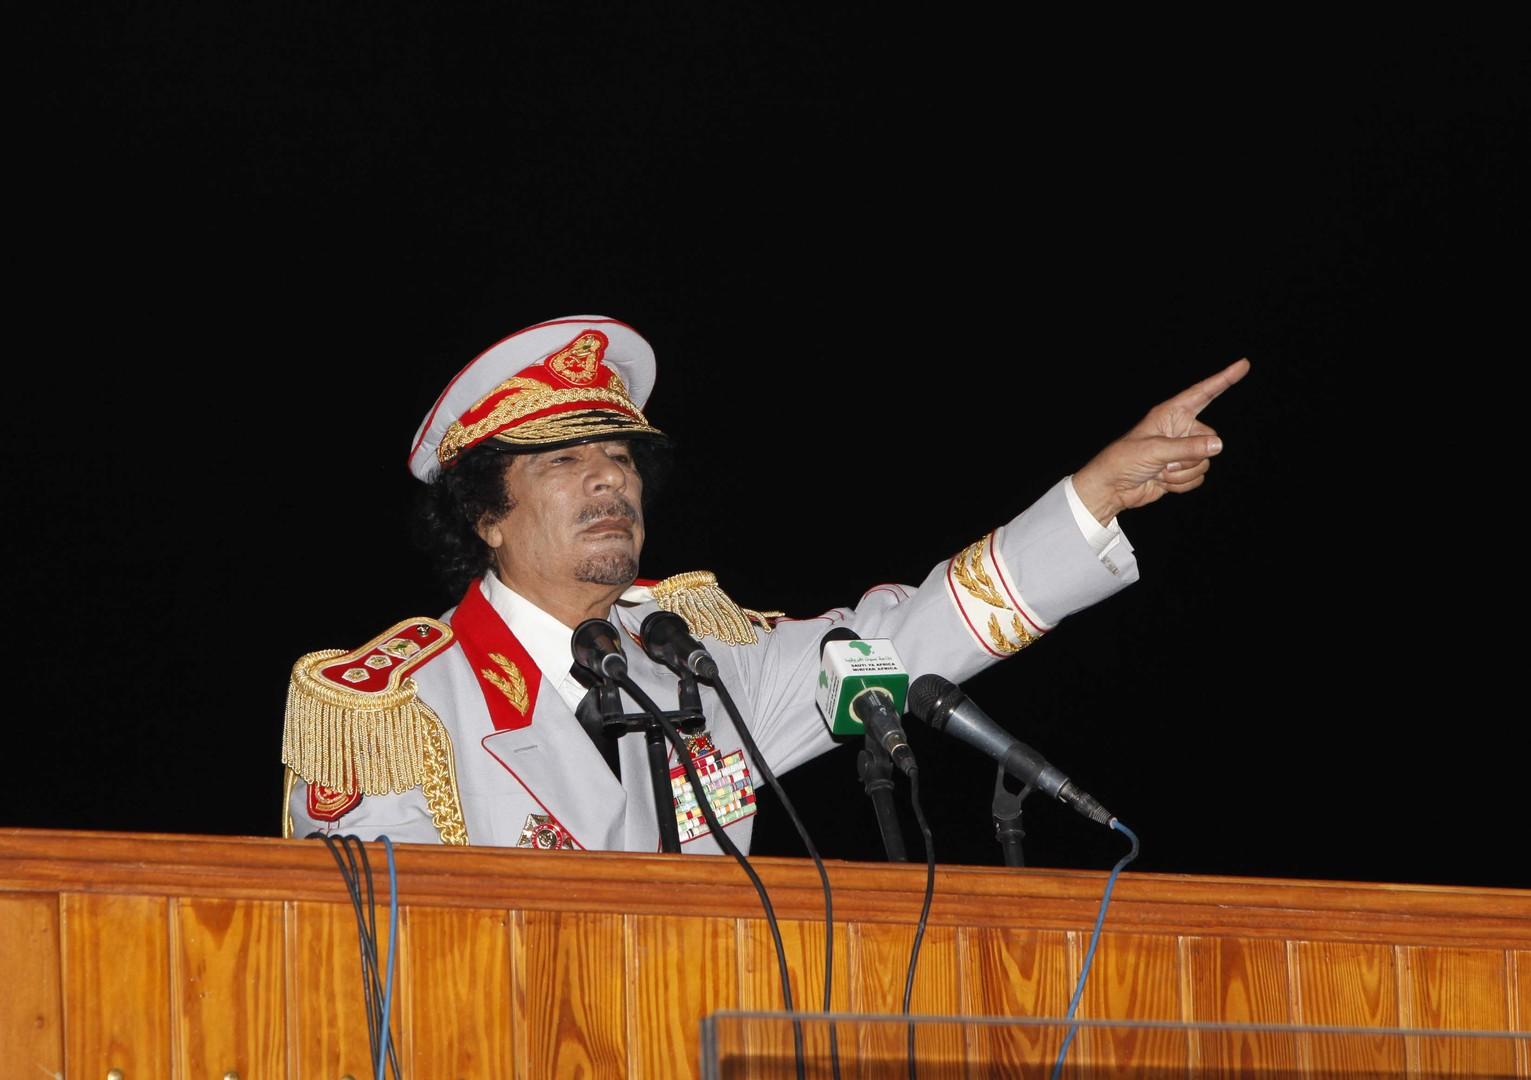 أضحية القذافي حاضرة حتى بعد غيابه!